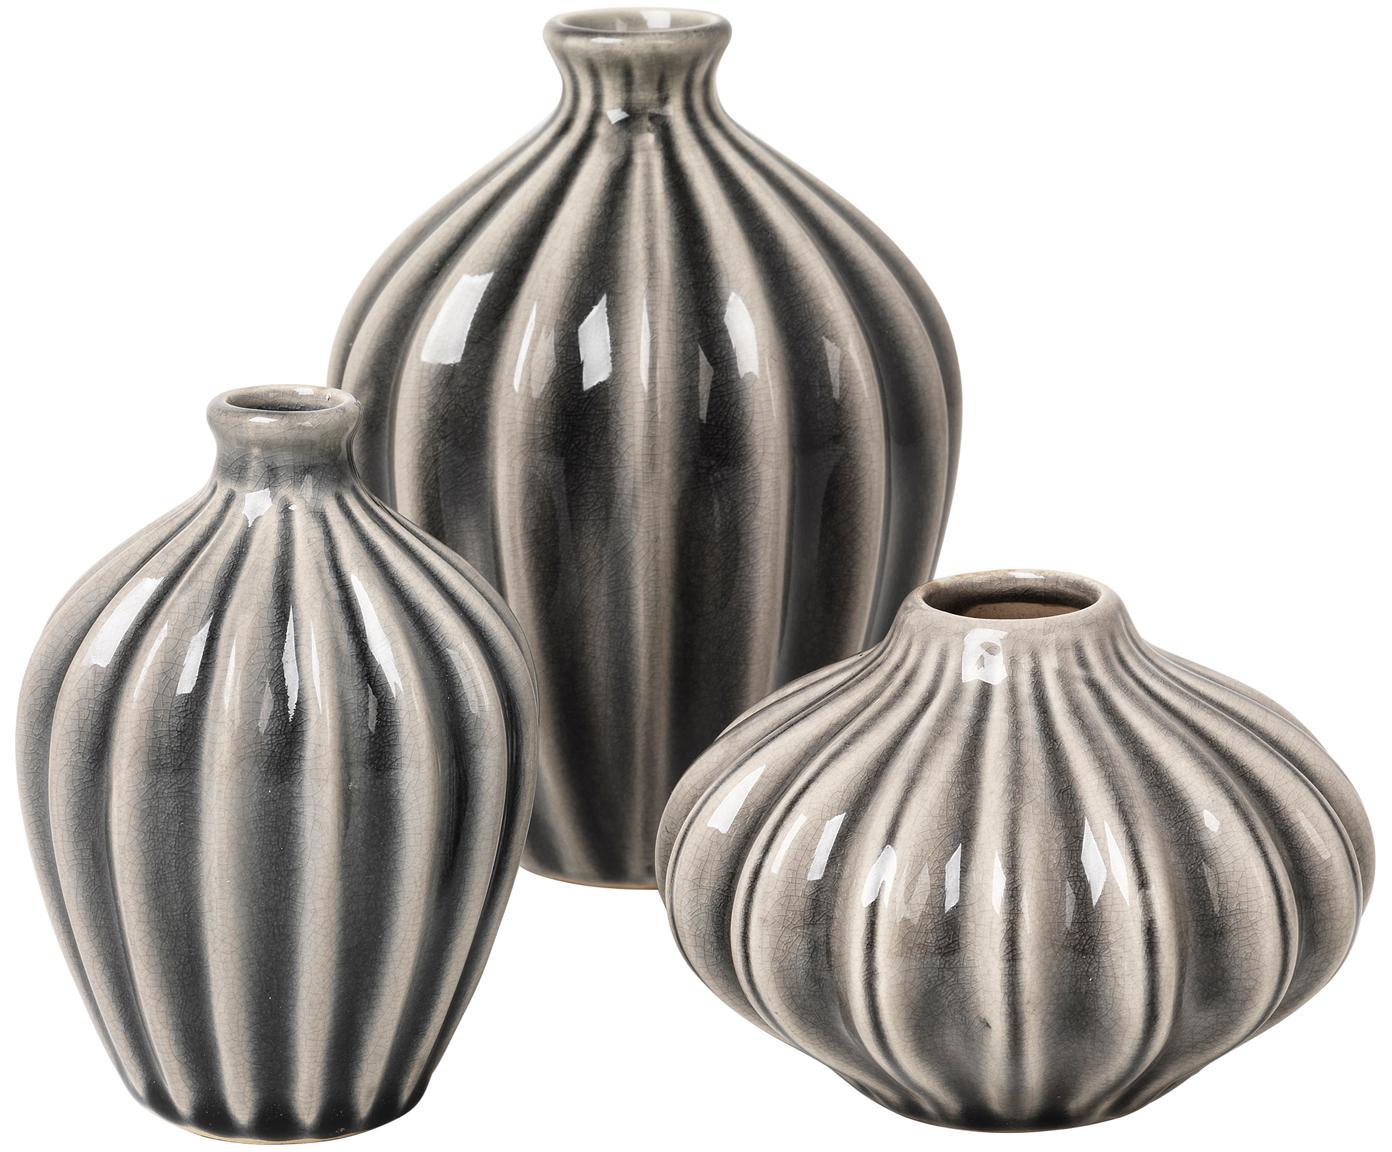 Kleines Deko-Vasen-Set Amalie aus Keramik, 3-tlg., Keramik, nicht wasserdicht, Grau, Verschiedene Grössen